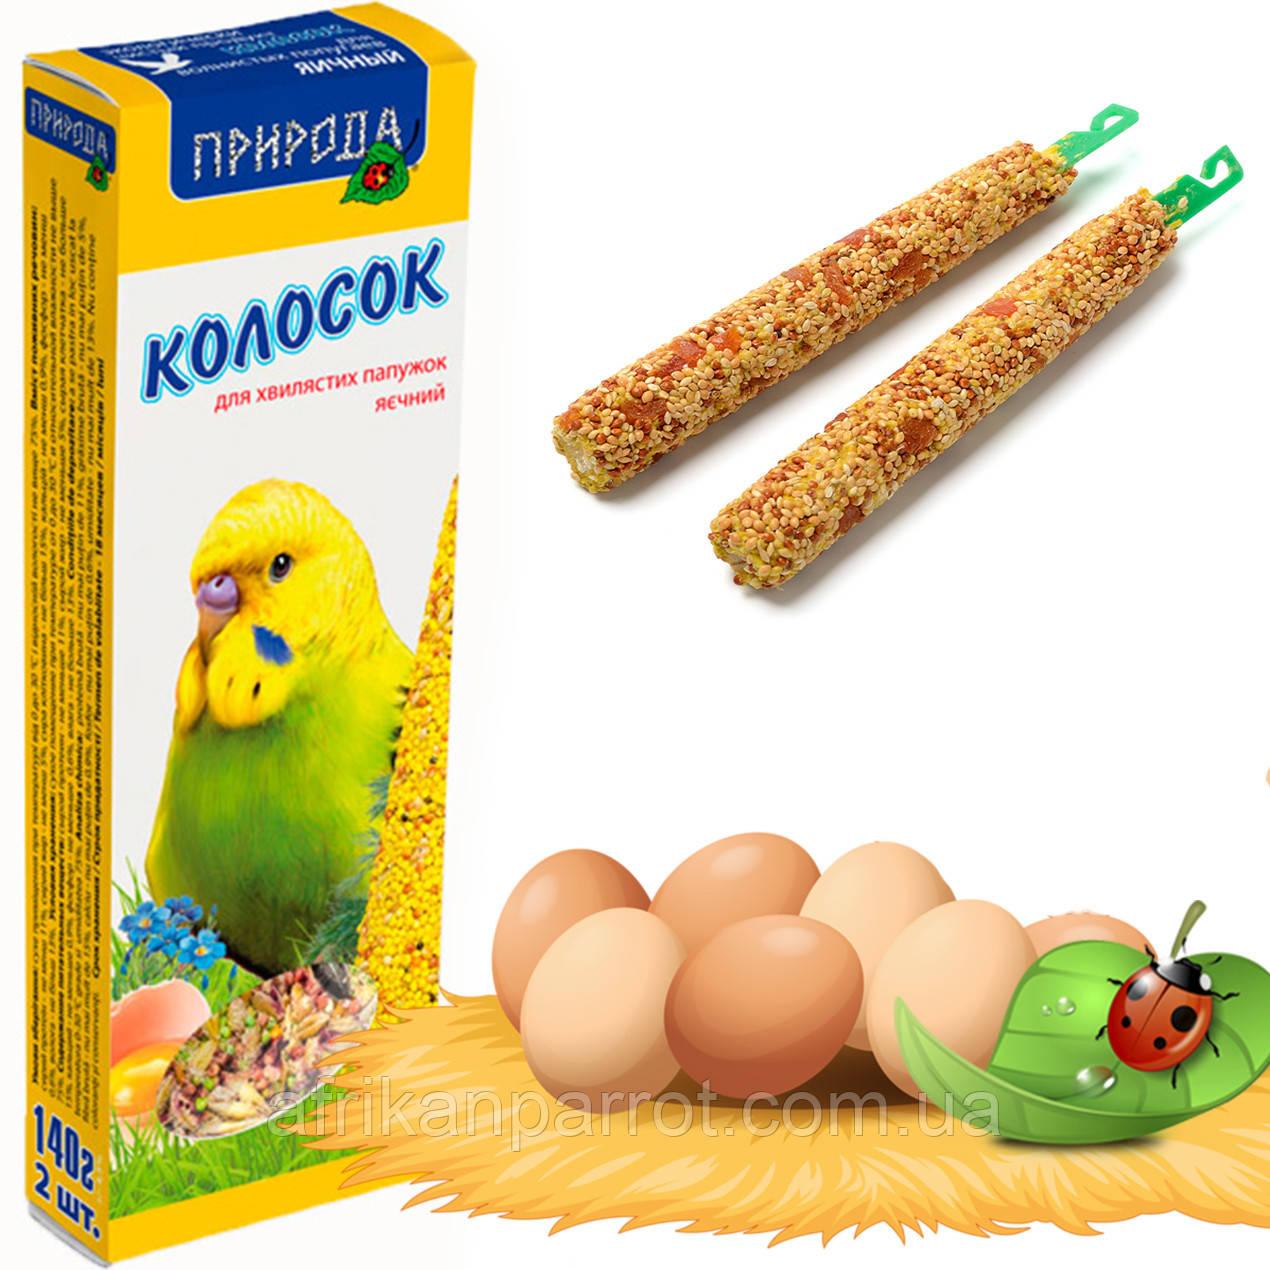 Корм та ласощі для хвилястих папуг «Яєчний»